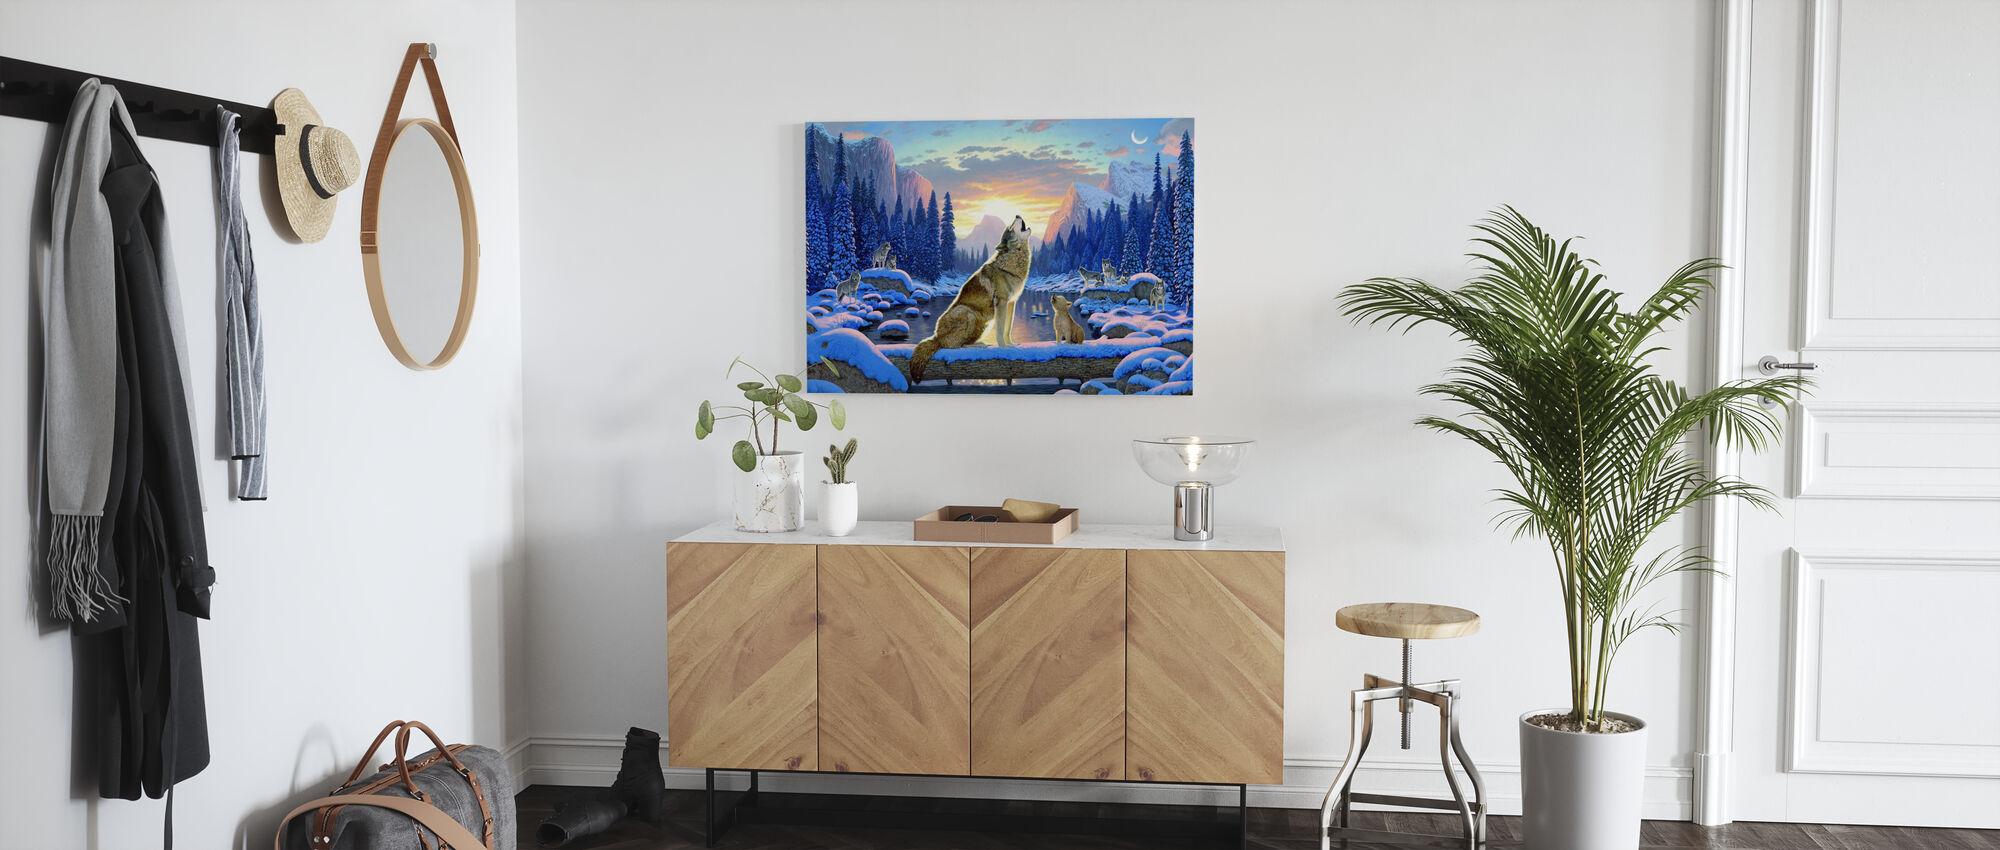 Sittande varg och unge - Canvastavla - Hall